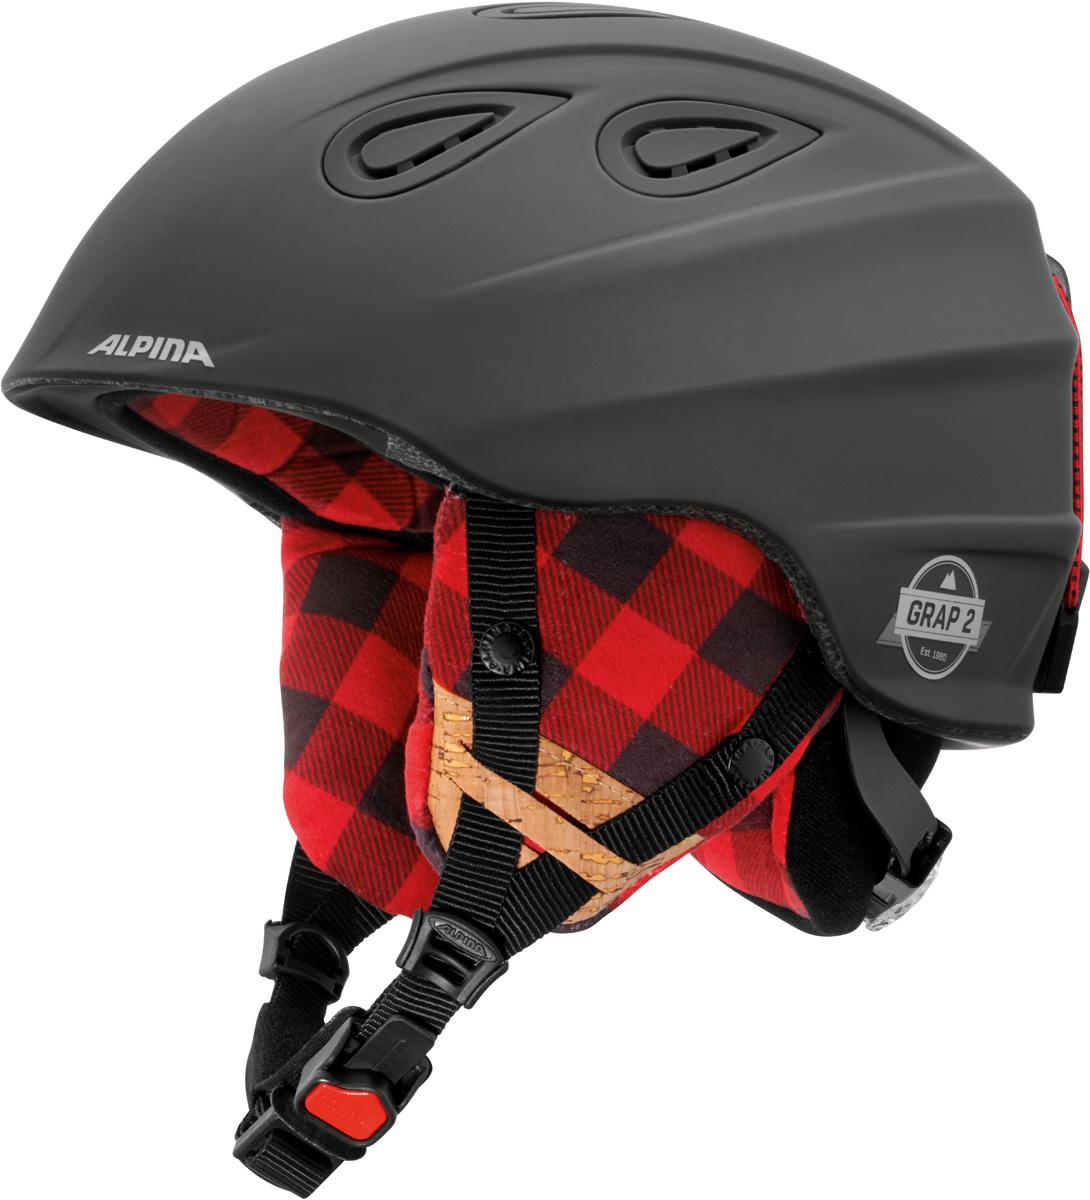 Шлем горнолыжный Alpina Grap 2.0 LE, цвет: черный. A9094_31. Размер 57-61A9094_31Шлем горнолыжный Alpina Grap 2.0 LE - одна из самых популярных моделей в каталоге горнолыжных шлемов Alpina. Надежный, многоцелевой шлем для широкого круга райдеров. L.E. - Limited Edition - ограниченная серия шлемов, выполненная в уникальной расцветке. Интенсивность воздушного потока можно регулировать. Вентиляционные отверстия шлема могут быть открыты и закрыты раздвижным механизмом. Съемные ушки-амбушюры можно снять за секунду и сложить в карман лыжной куртки. Если вы наслаждаетесь катанием в начале апреля, такая возможность должна вас порадовать. А когда температура снова упадет - щелк и вкладыш снова на месте. Внутренник шлема легко вынимается, стирается, сушится и вставляется обратно. Прочная и легкая конструкция In-mold. Тонкая и прочная поликарбонатная оболочка под воздействием высокой температуры и давления буквально сплавляется с гранулами EPS, которые гасят ударную нагрузку. Внутренняя оболочка каждого шлема Alpina состоит из гранул HI-EPS (сильно вспененного полистирола). Микроскопические воздушные карманы эффективно поглощают ударную нагрузку и обеспечивают высокую теплоизоляцию. Эта технология позволяет достичь минимальной толщины оболочки. А так как гранулы HI-EPS не впитывают влагу, их защитный эффект не ослабевает со временем. Из задней части шлема можно достать шейный утеплитель из мягкого микро-флиса. Этот теплый воротник также защищает шею от ударов на высокой скорости и при сибирских морозах. В удобной конструкции отсутствуют точки давления на шею. Вместо фастекса на ремешке используется красная кнопка с автоматическим запирающим механизмом, которую легко использовать даже в лыжных перчатках. Механизм защищен от произвольного раскрытия при падении. Ручка регулировки Run System Classic в задней части шлема позволяет за мгновение комфортно усадить шлем на затылке. Y-образный ремнераспределитель двух ремешков находится под ухом и обеспечивает быструю и точную посадку ш